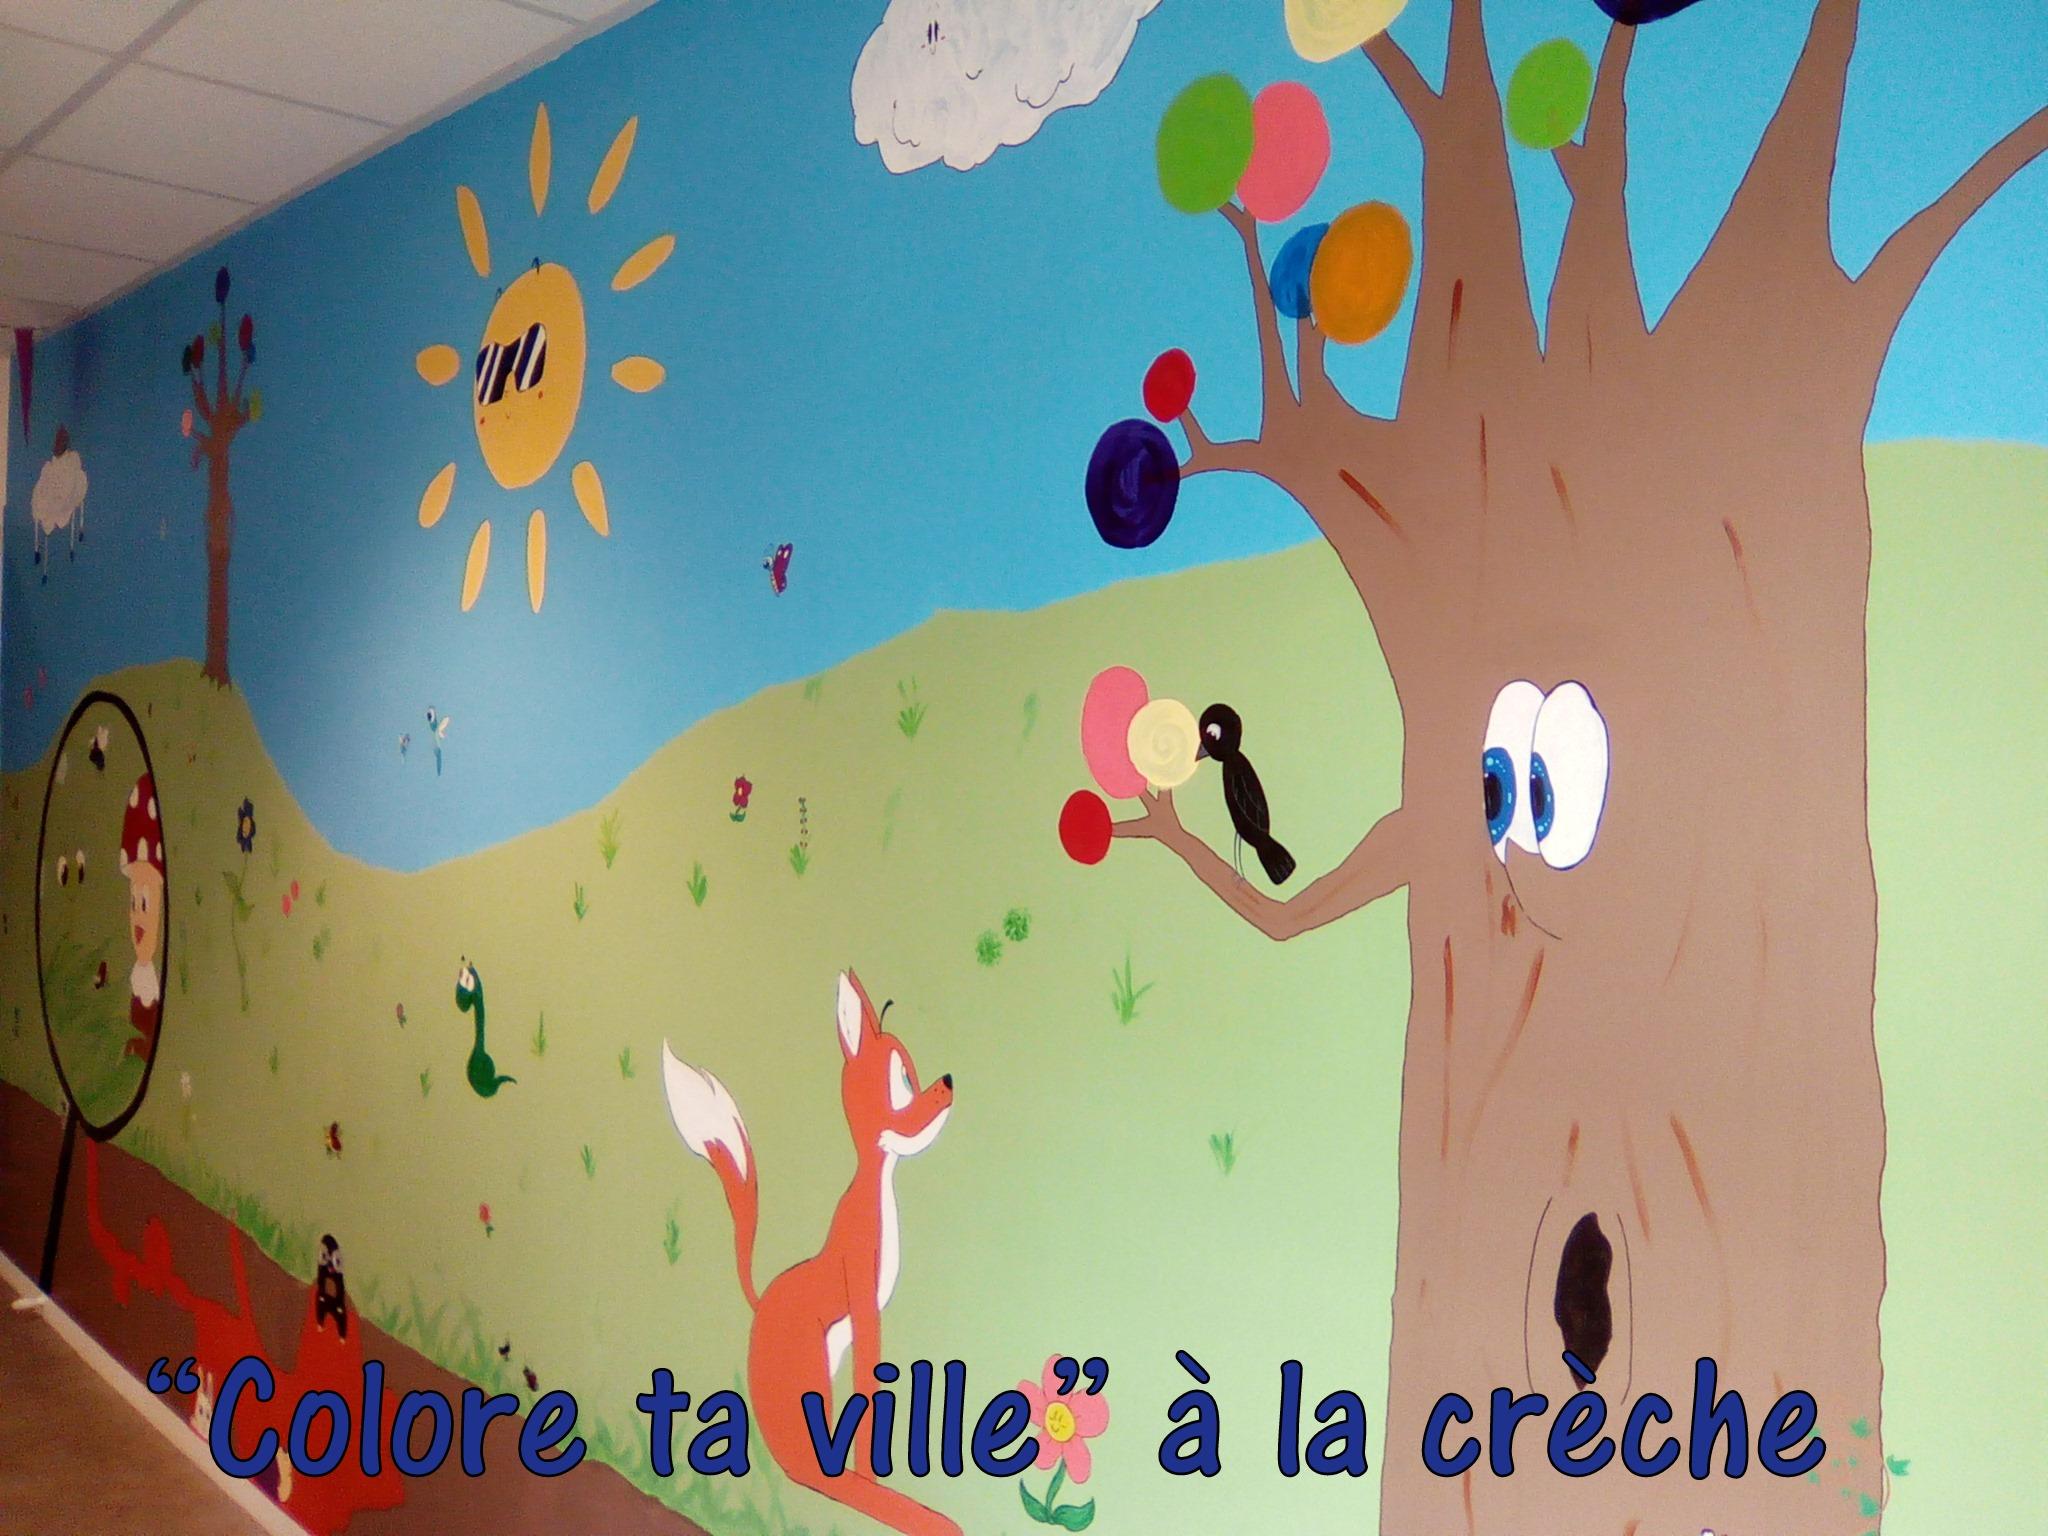 Colore-ta-ville-a-la-creche-3